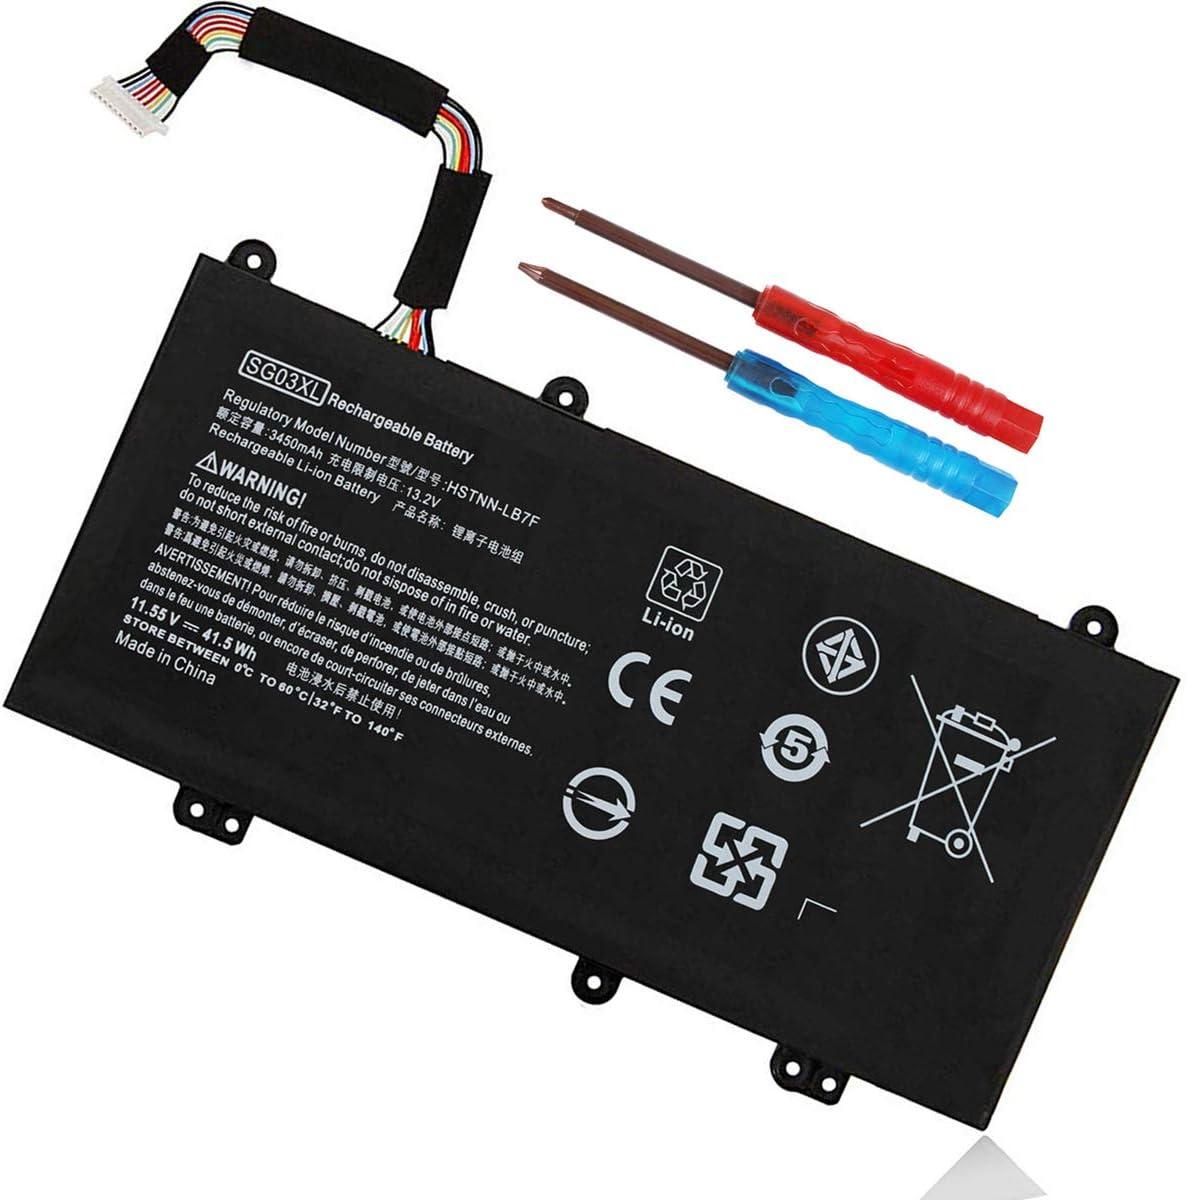 SG03XL 849048-421 Battery for HP Envy M7-U109DX M7-U009DX 17t-U000 17-U011NR 17-U110NR 17-U163CL 17-U177CL 849314-850 849315-850 849314-856 HSTNN-LB7F HSTNN-LB7E TPN-I126 W2K88UA W2K86UA 11.55V 41.5Wh